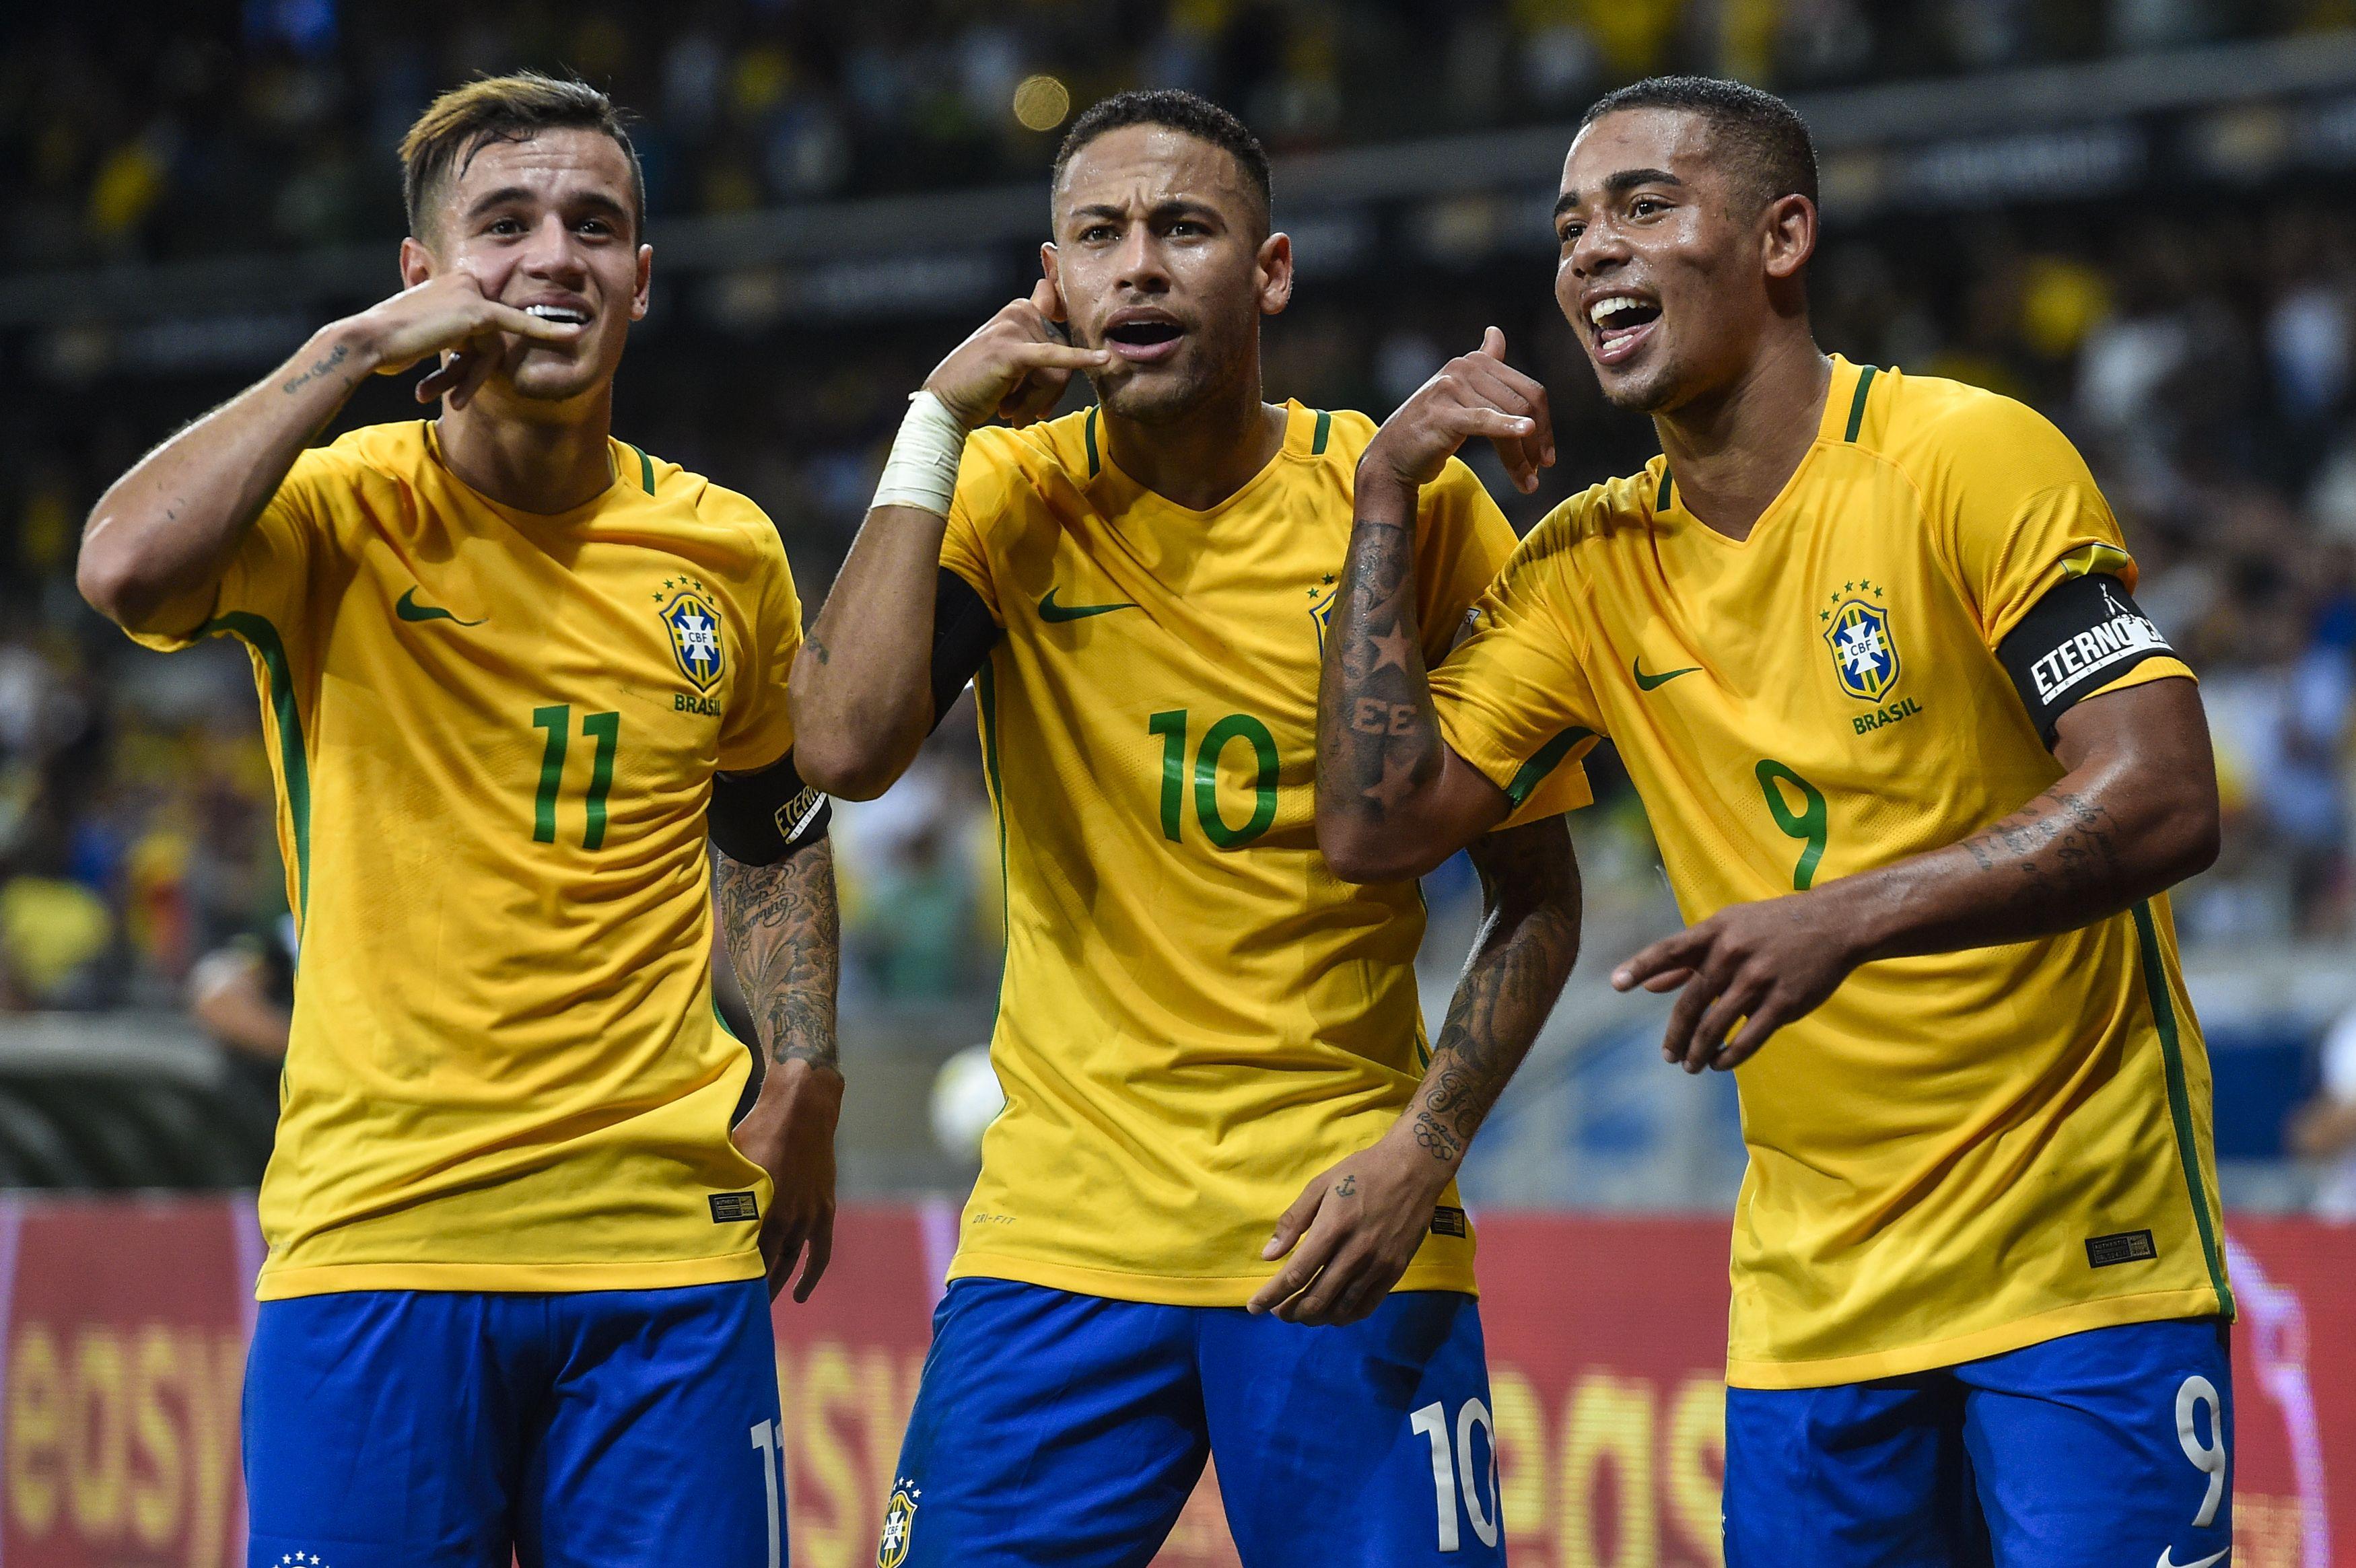 Veja Os Convocados Para A Seleção Brasileira Na Copa Do Mundo De 2018 Seleção Brasileira Jogadores Do Brasil Seleção Brasileira De Futebol